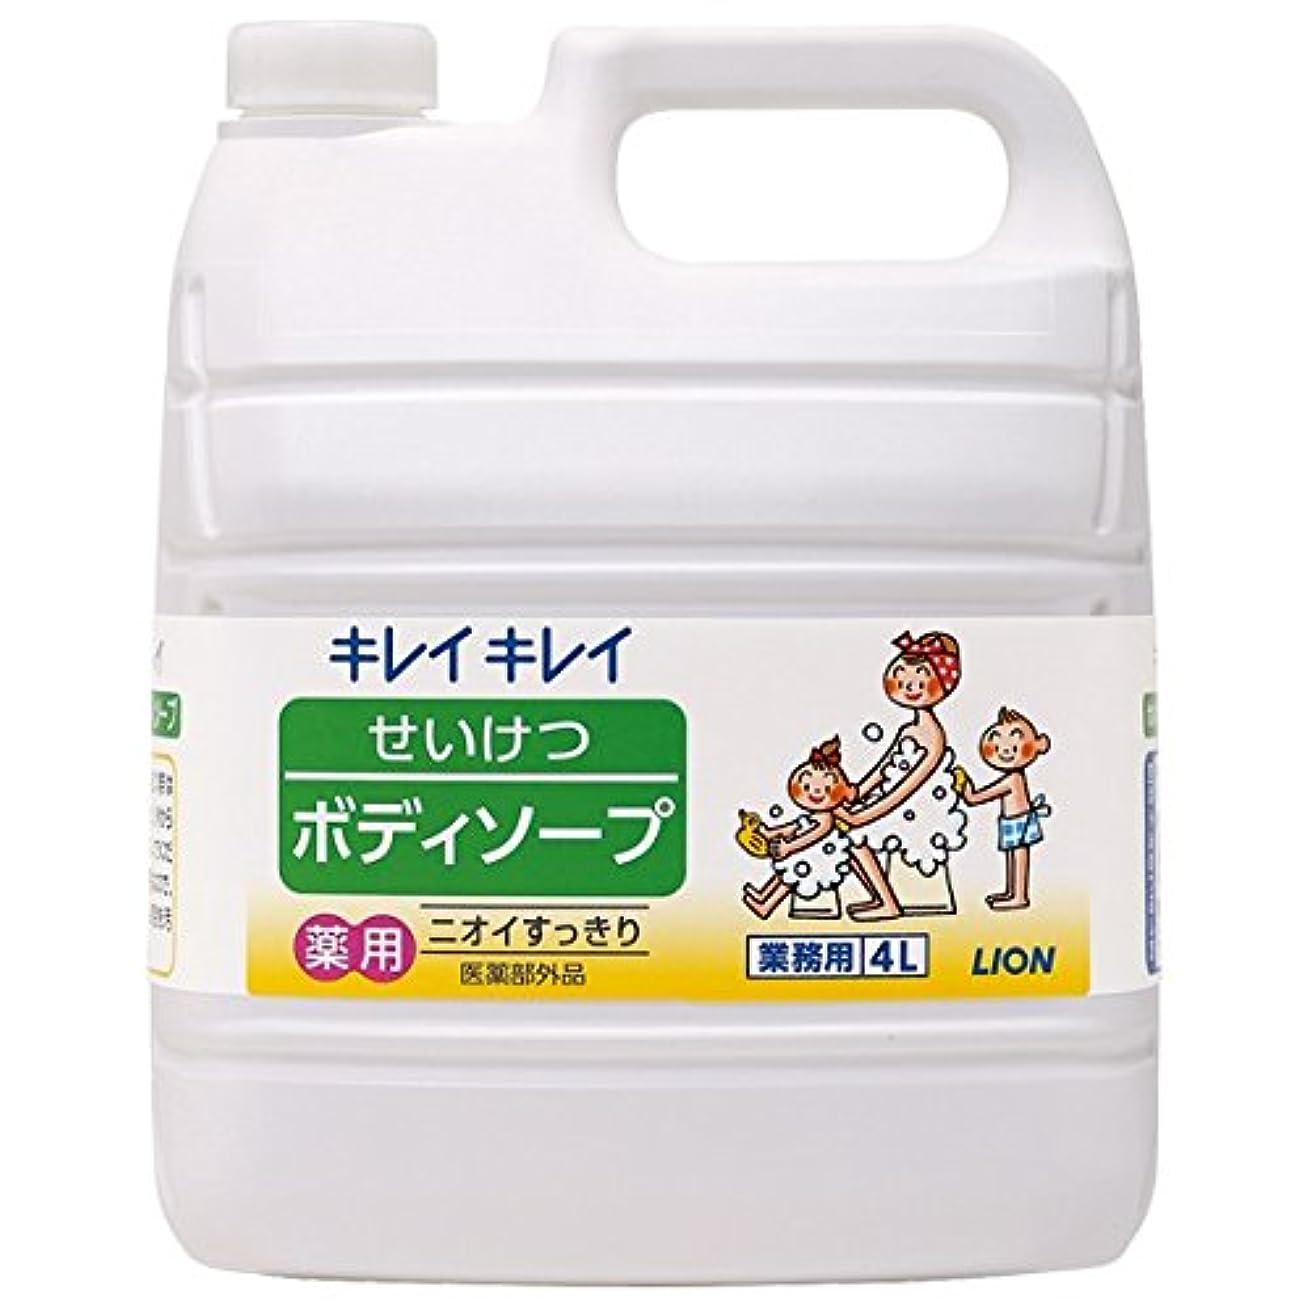 肺お風呂を持っているびっくりしたライオン キレイキレイ せいけつボディソープ さわやかなレモン&オレンジの香り 業務用 4L×3本